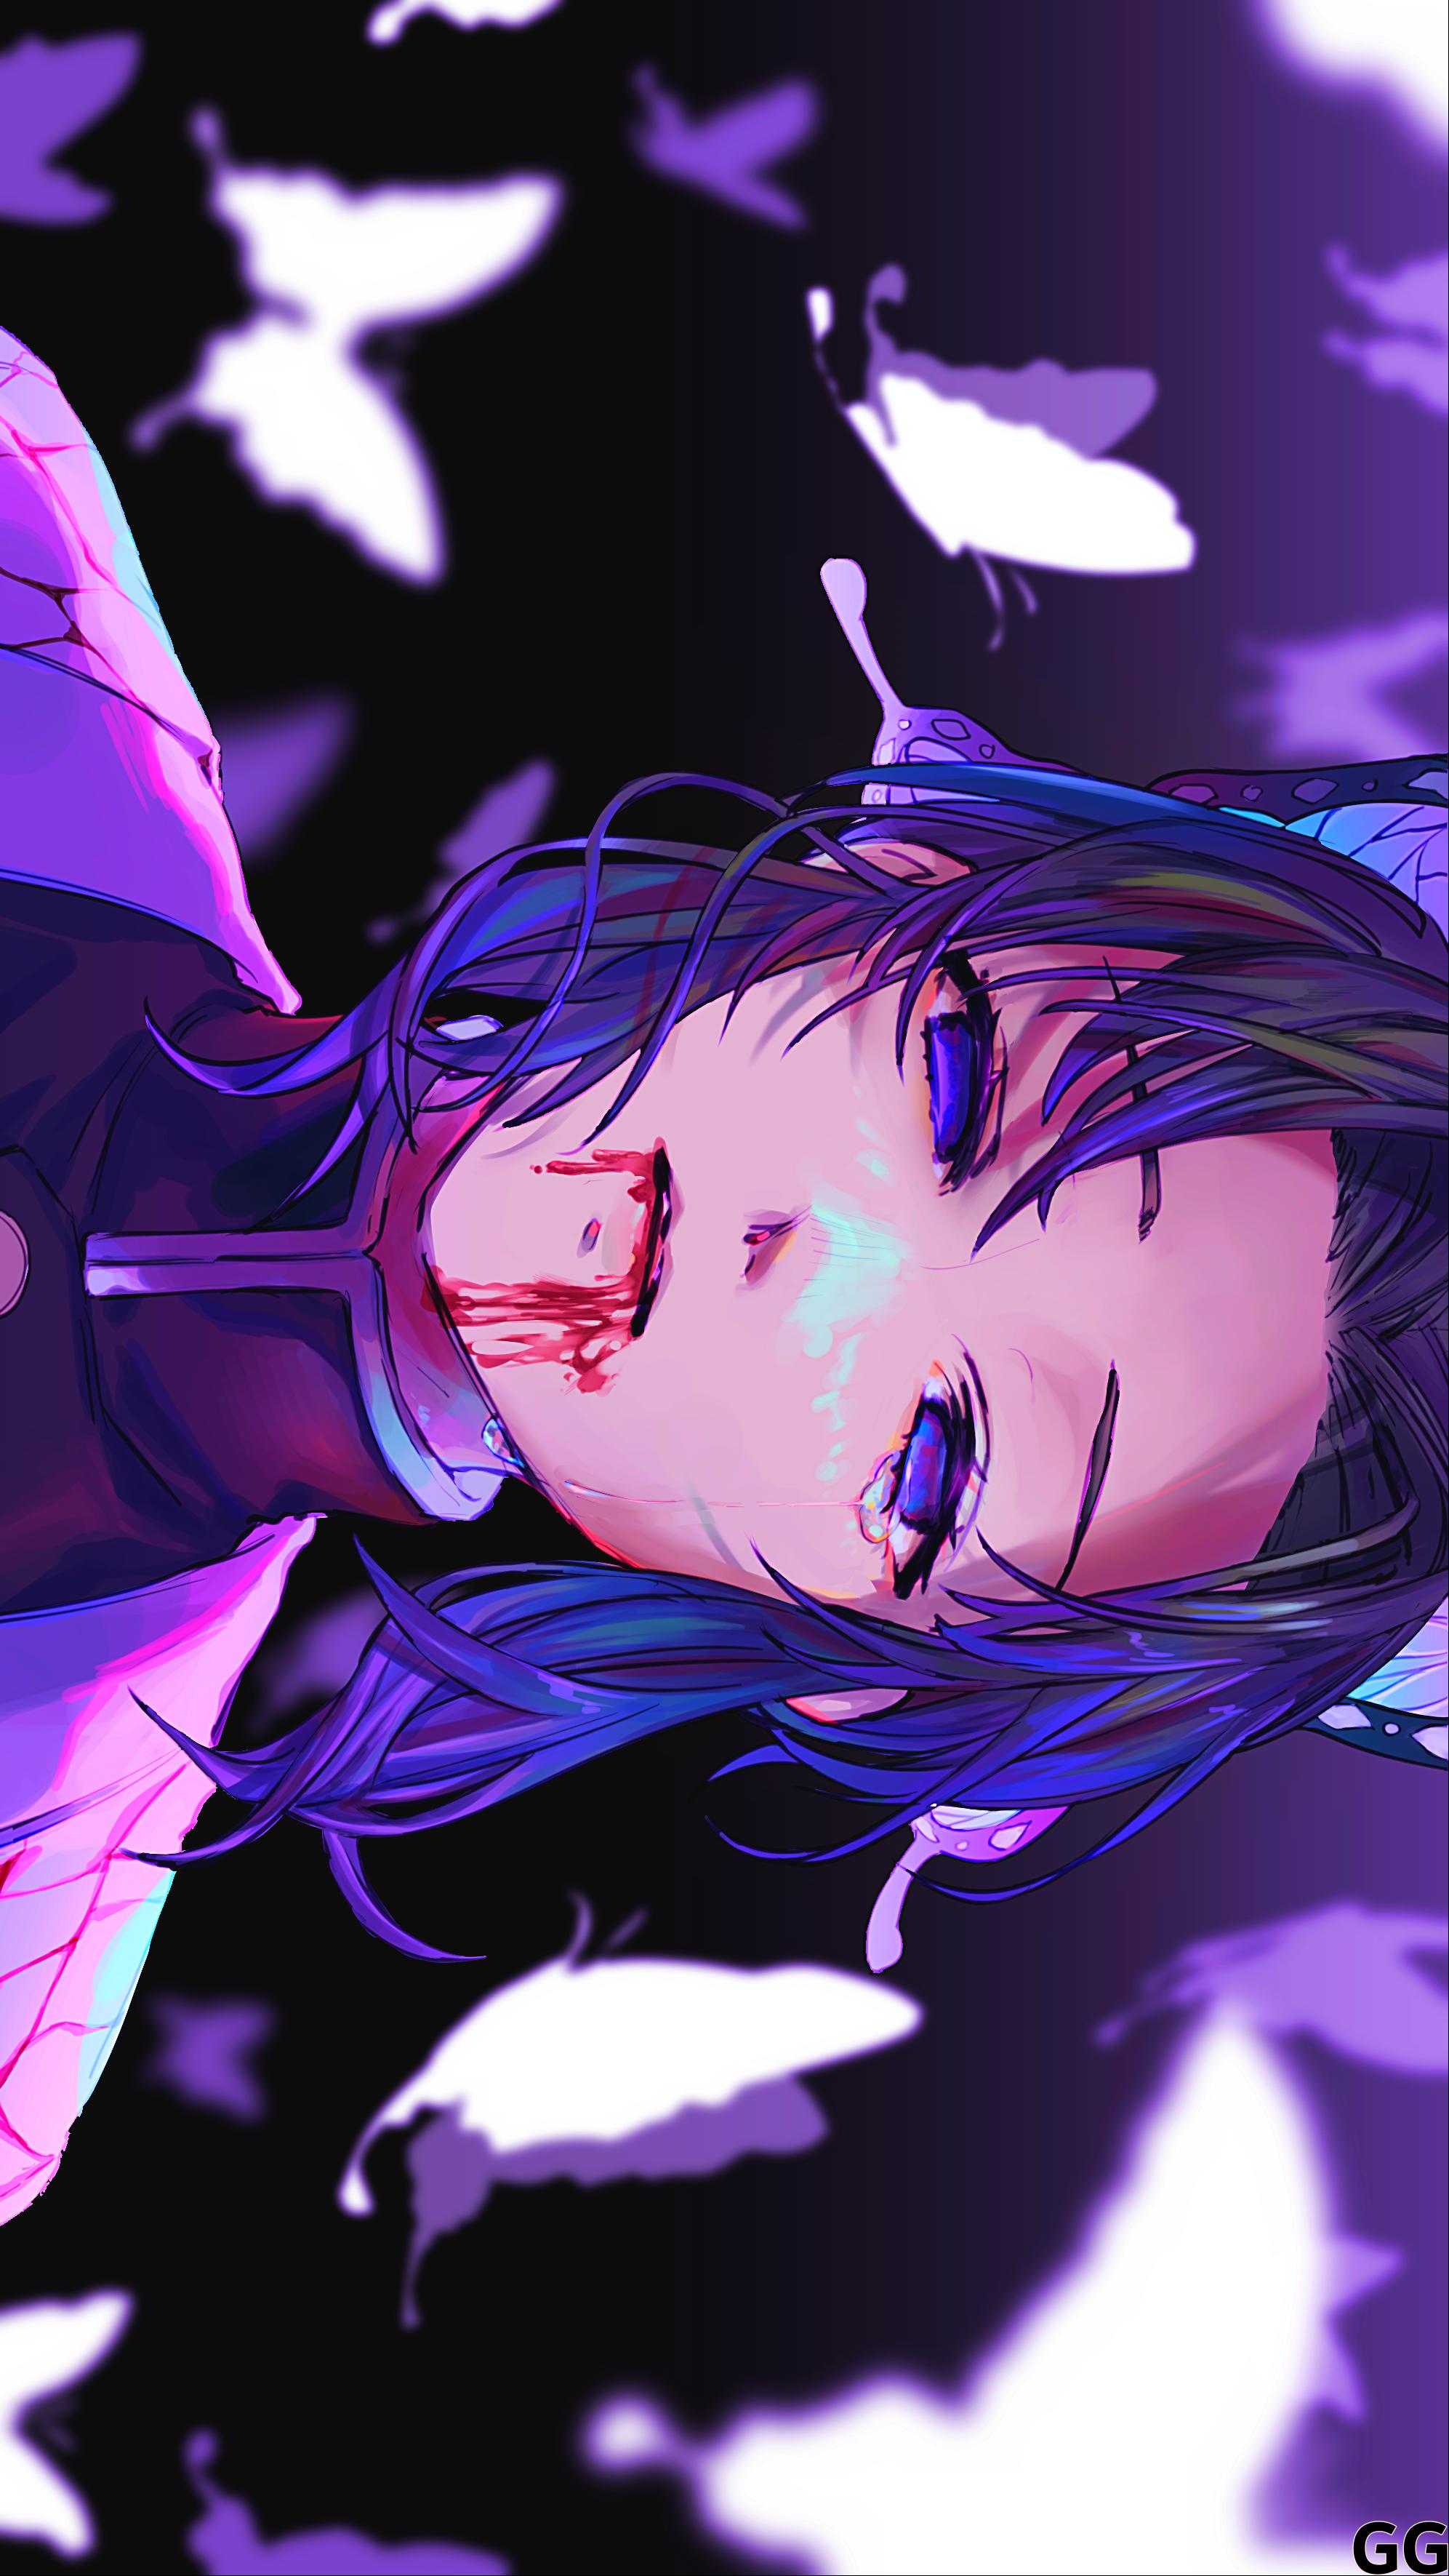 Photo of Shinobu Kocho 〣 Demon Slayer:Kimetsu no Yaiba 〣 GGHimSelf